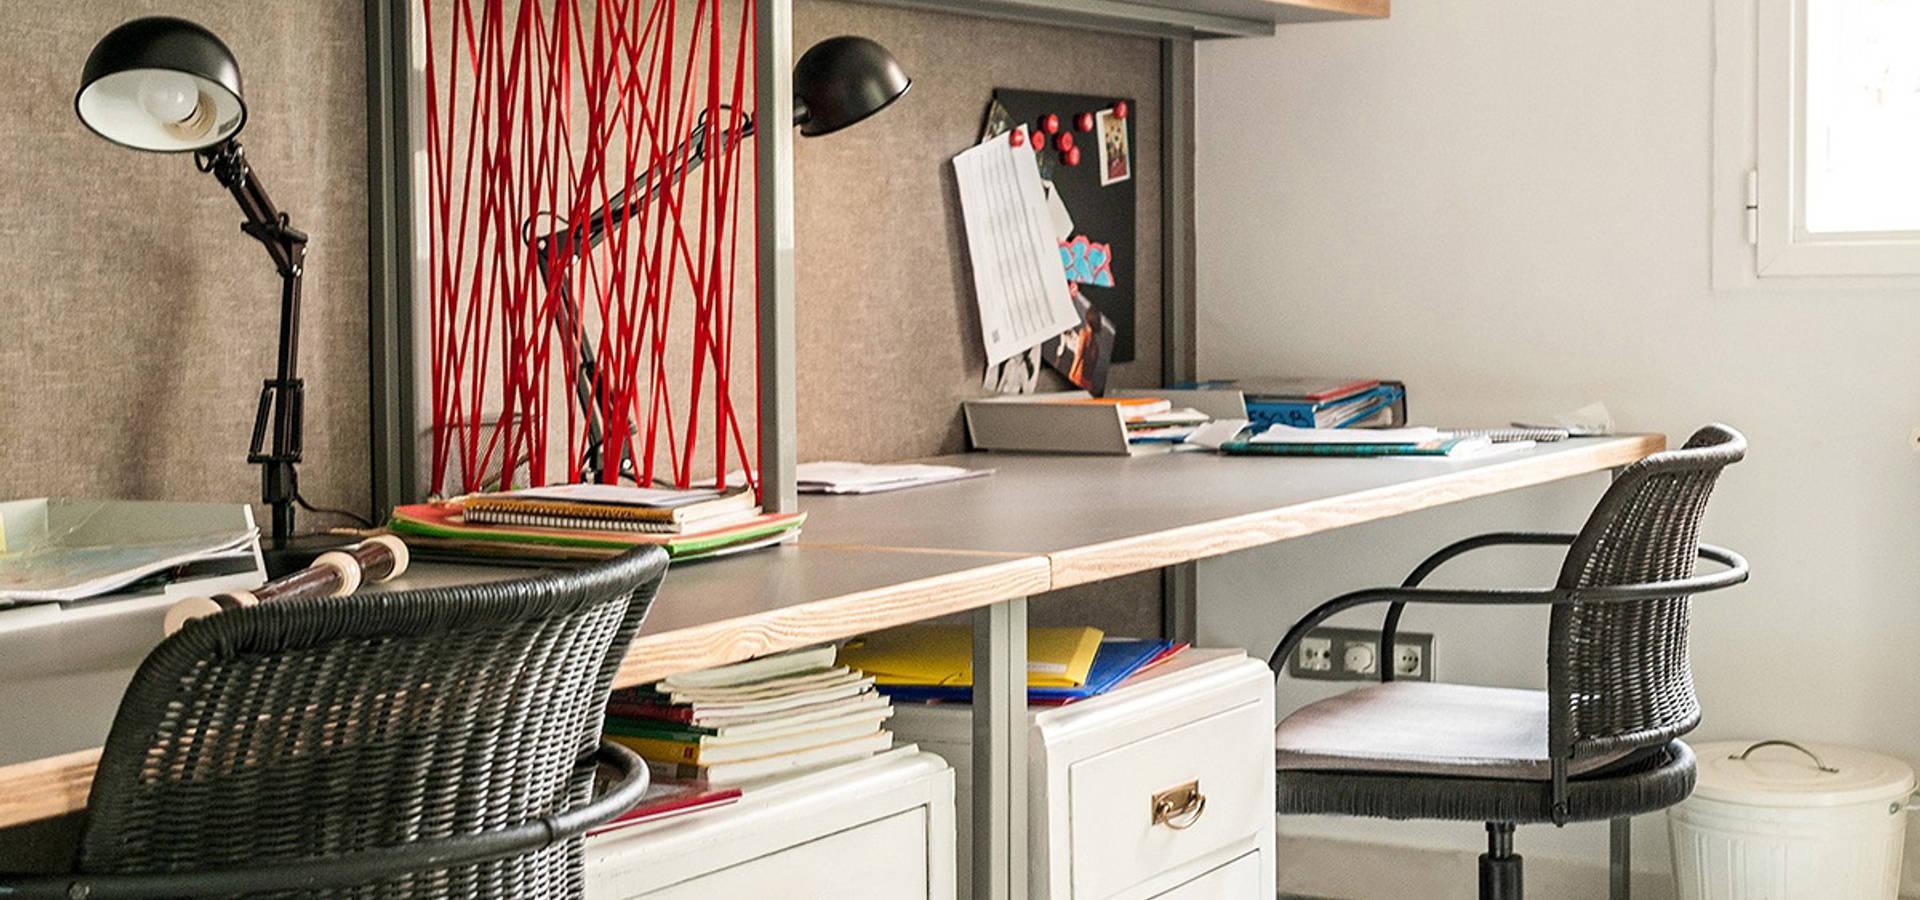 Habitaci n ni os de alaz n decoraci n homify - Libros de decoracion de interiores gratis ...